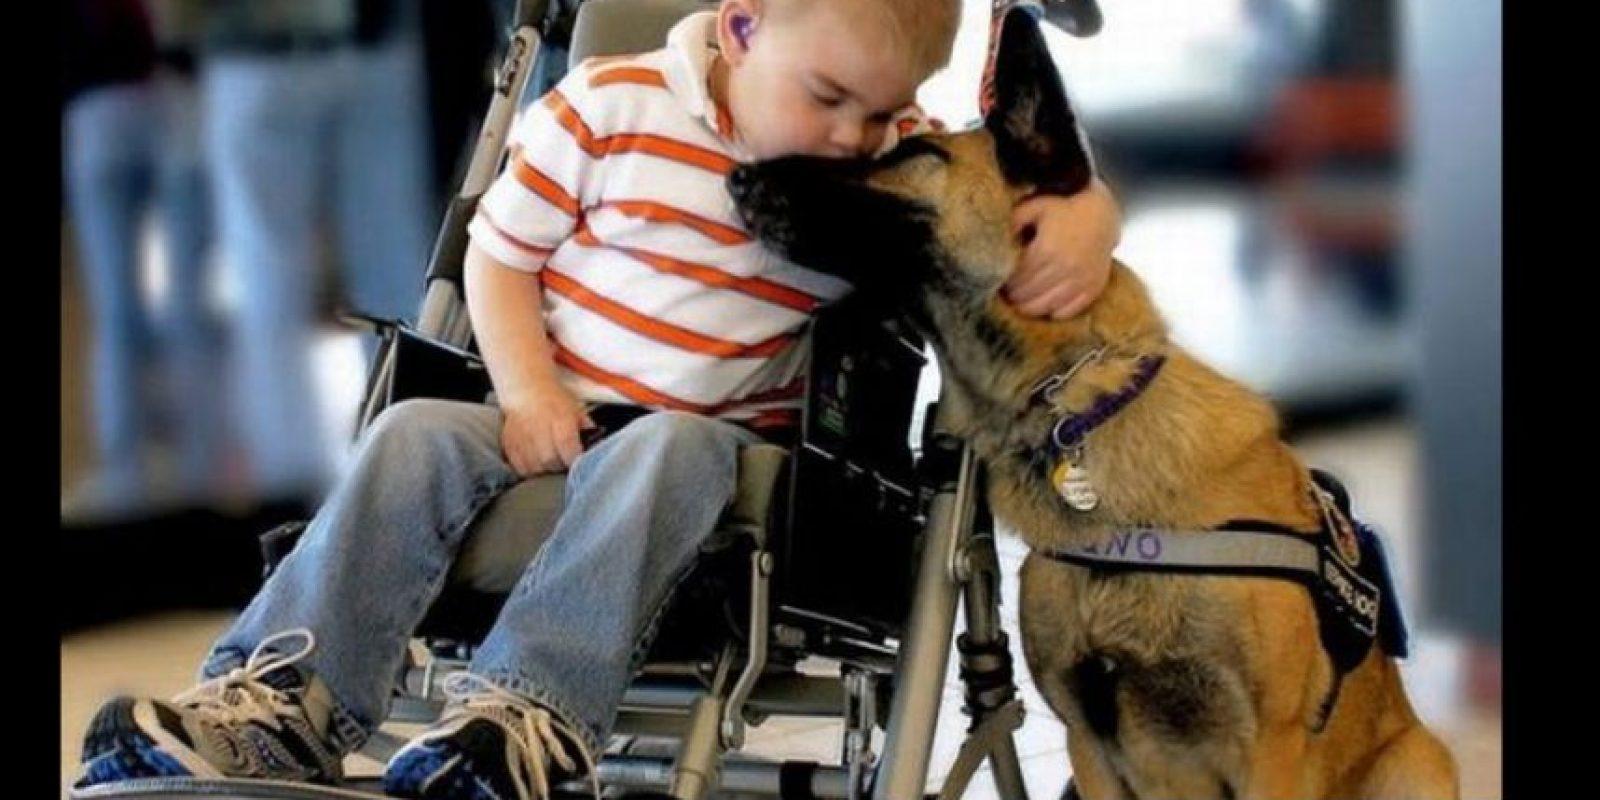 O un beso Foto:Tumblr.com/tagged-perro-humano